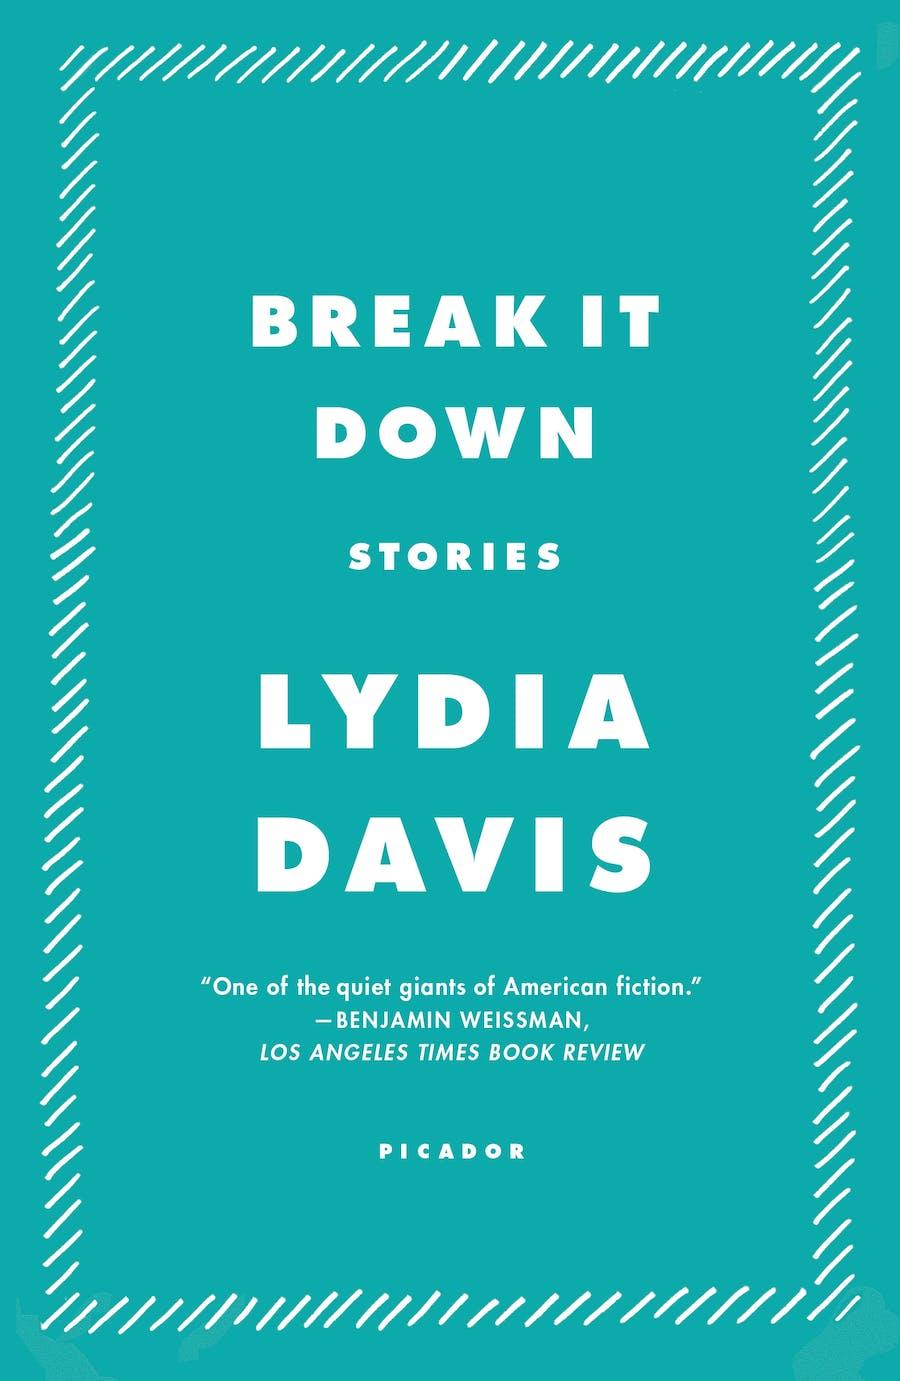 Break It Down by Lydia Davis